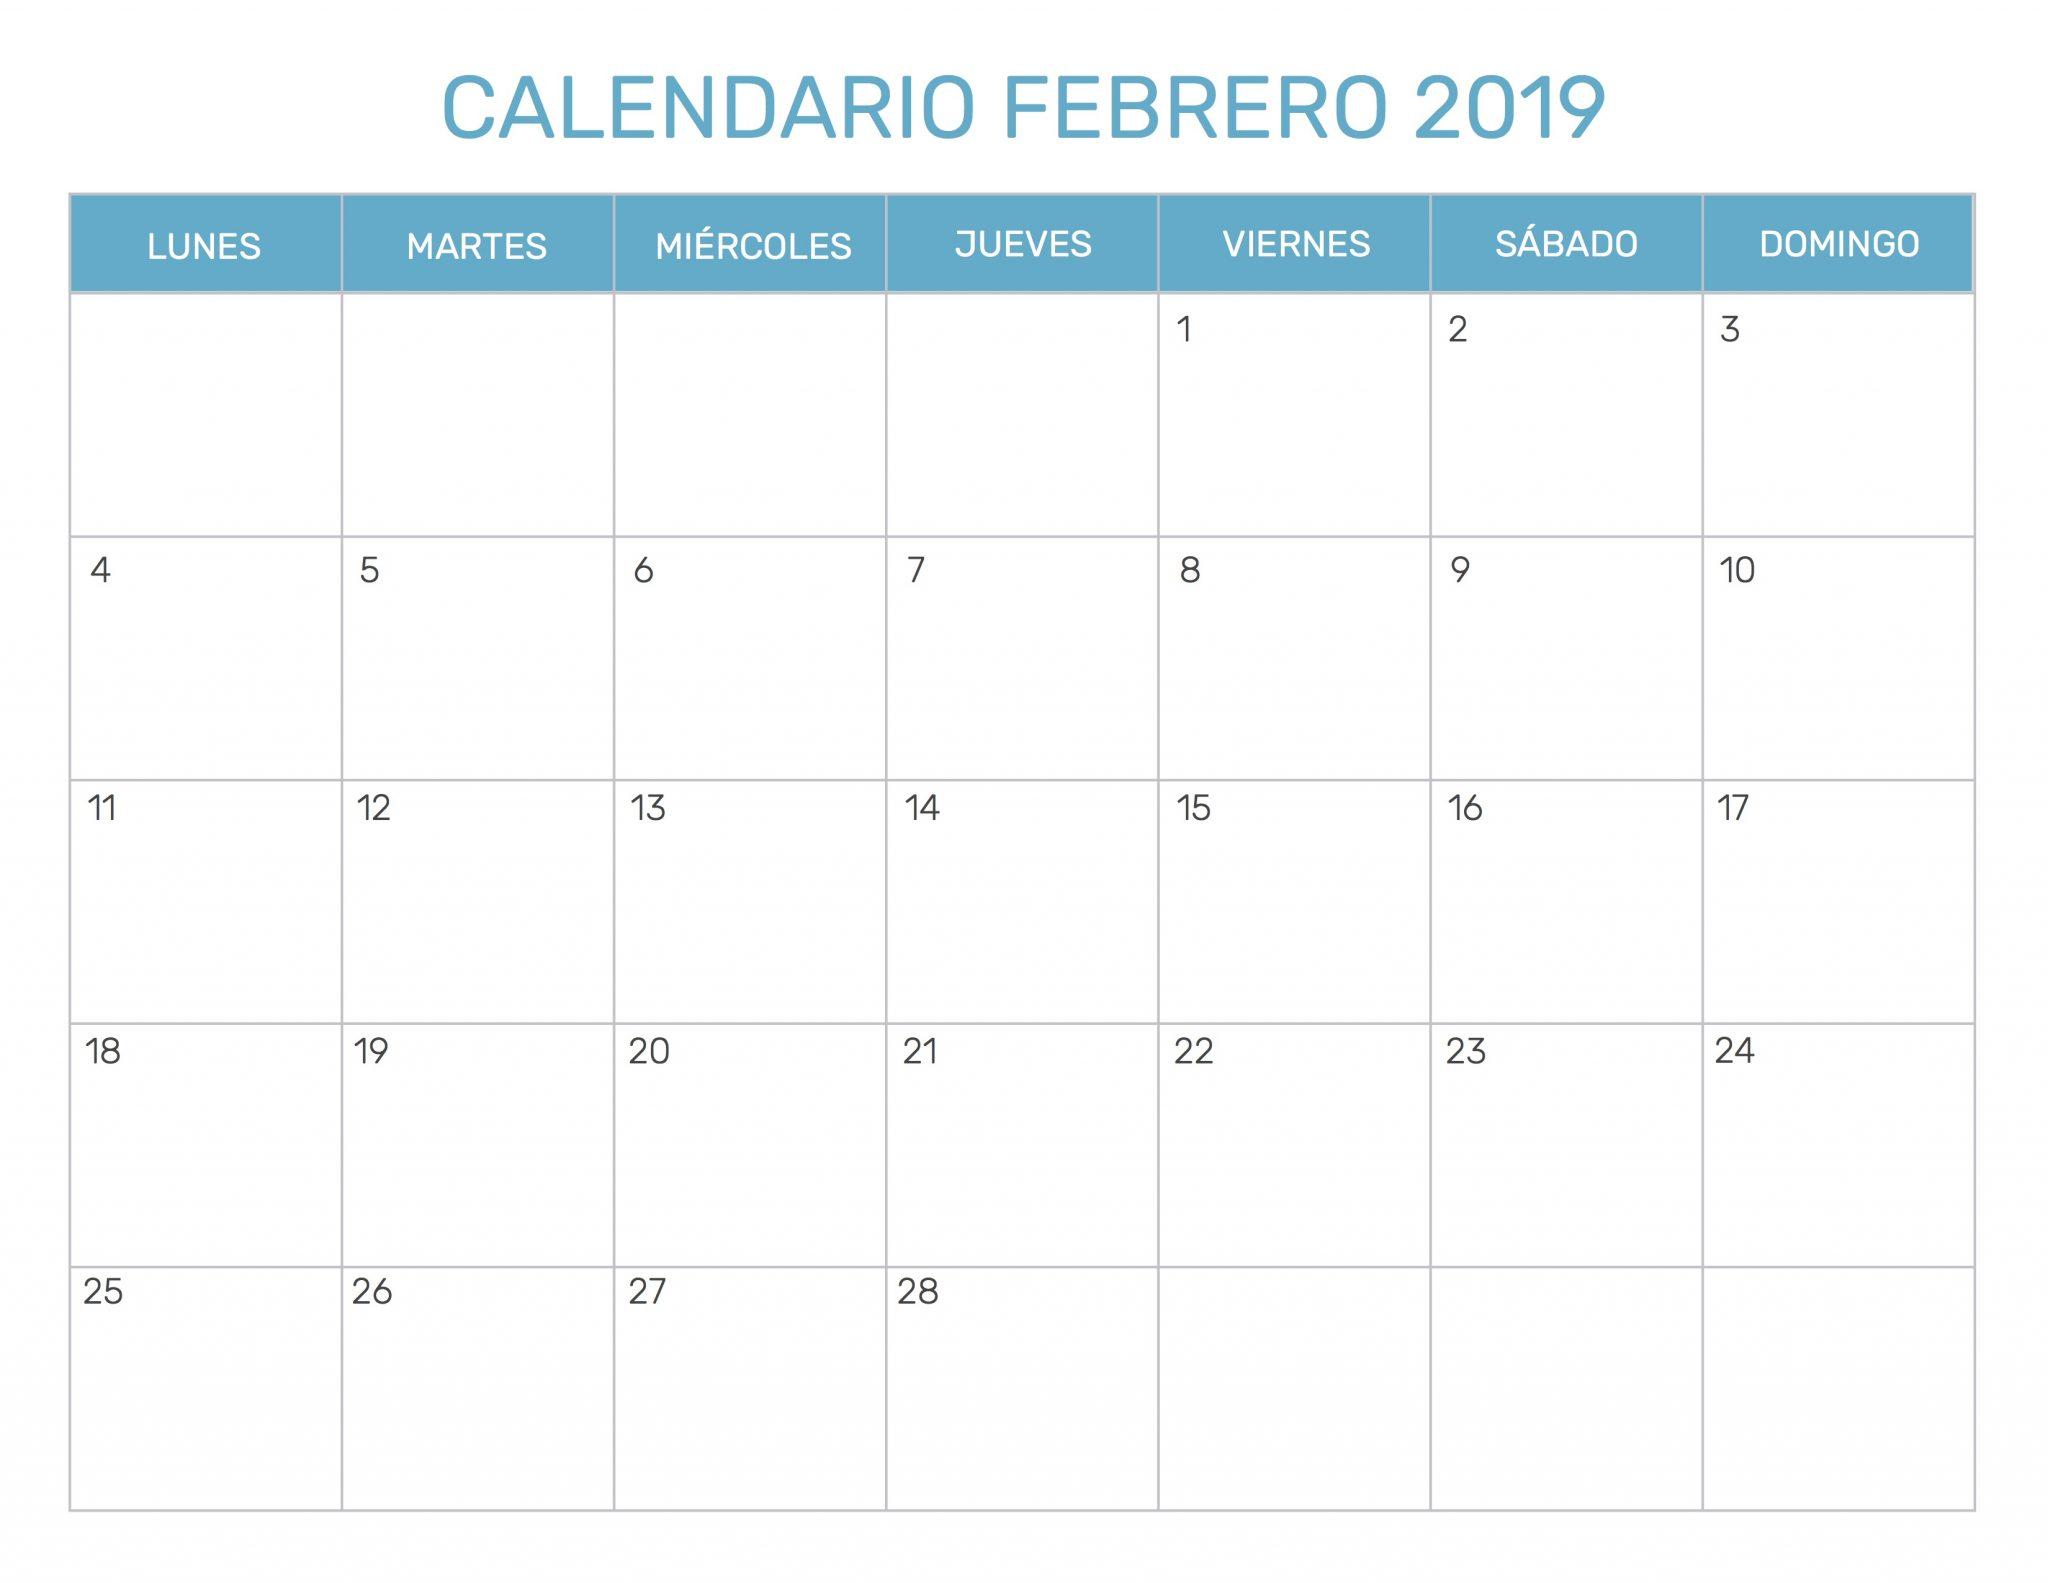 Febrero 2019 Calendario